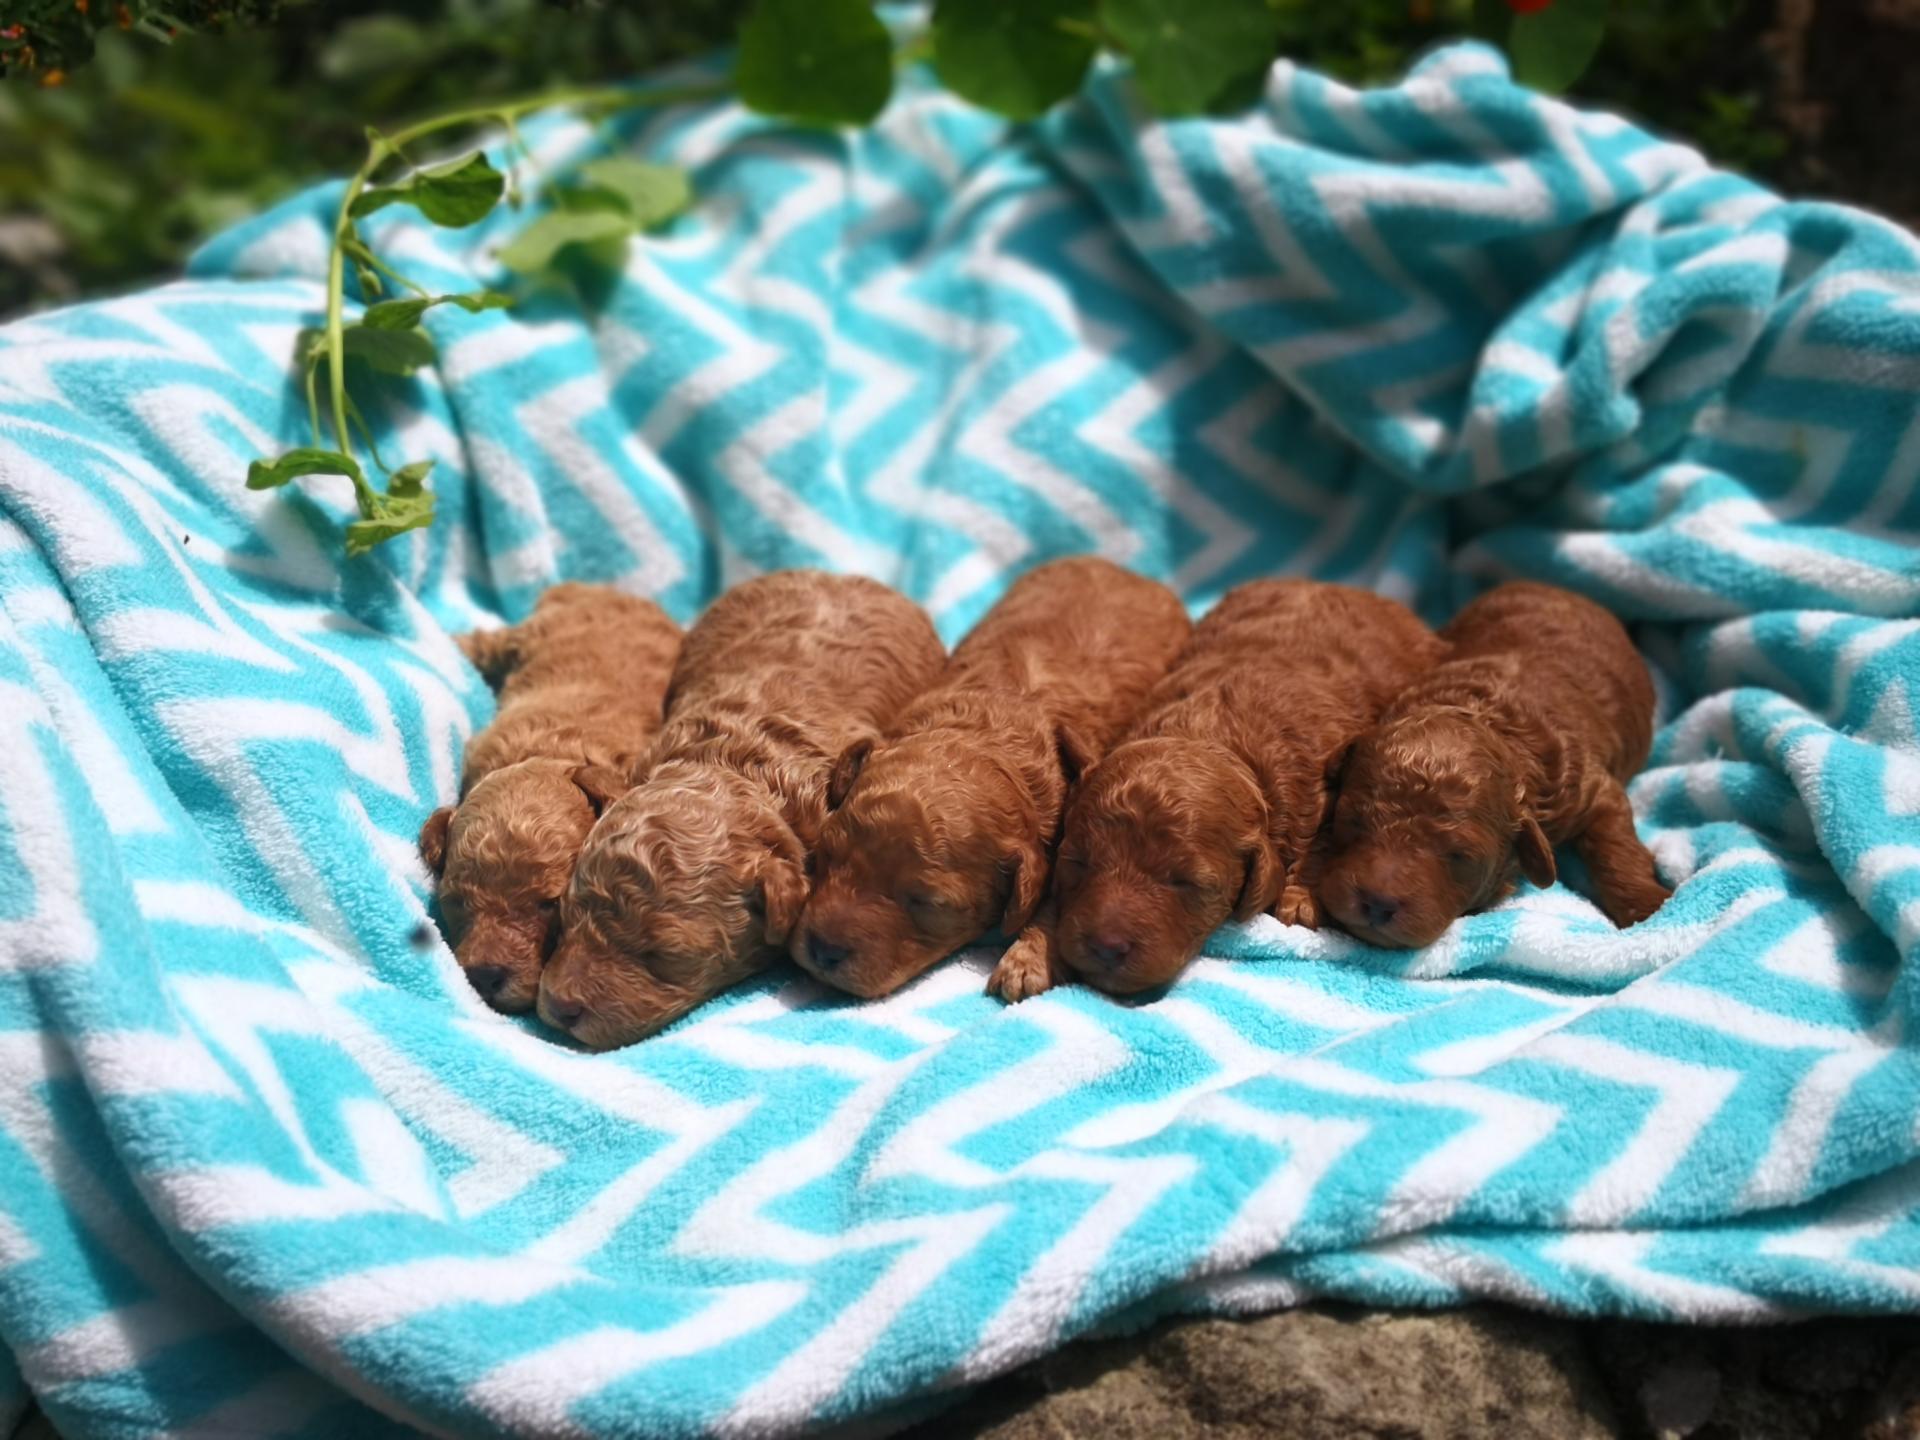 Bébés mâles - photo du 28.05.19